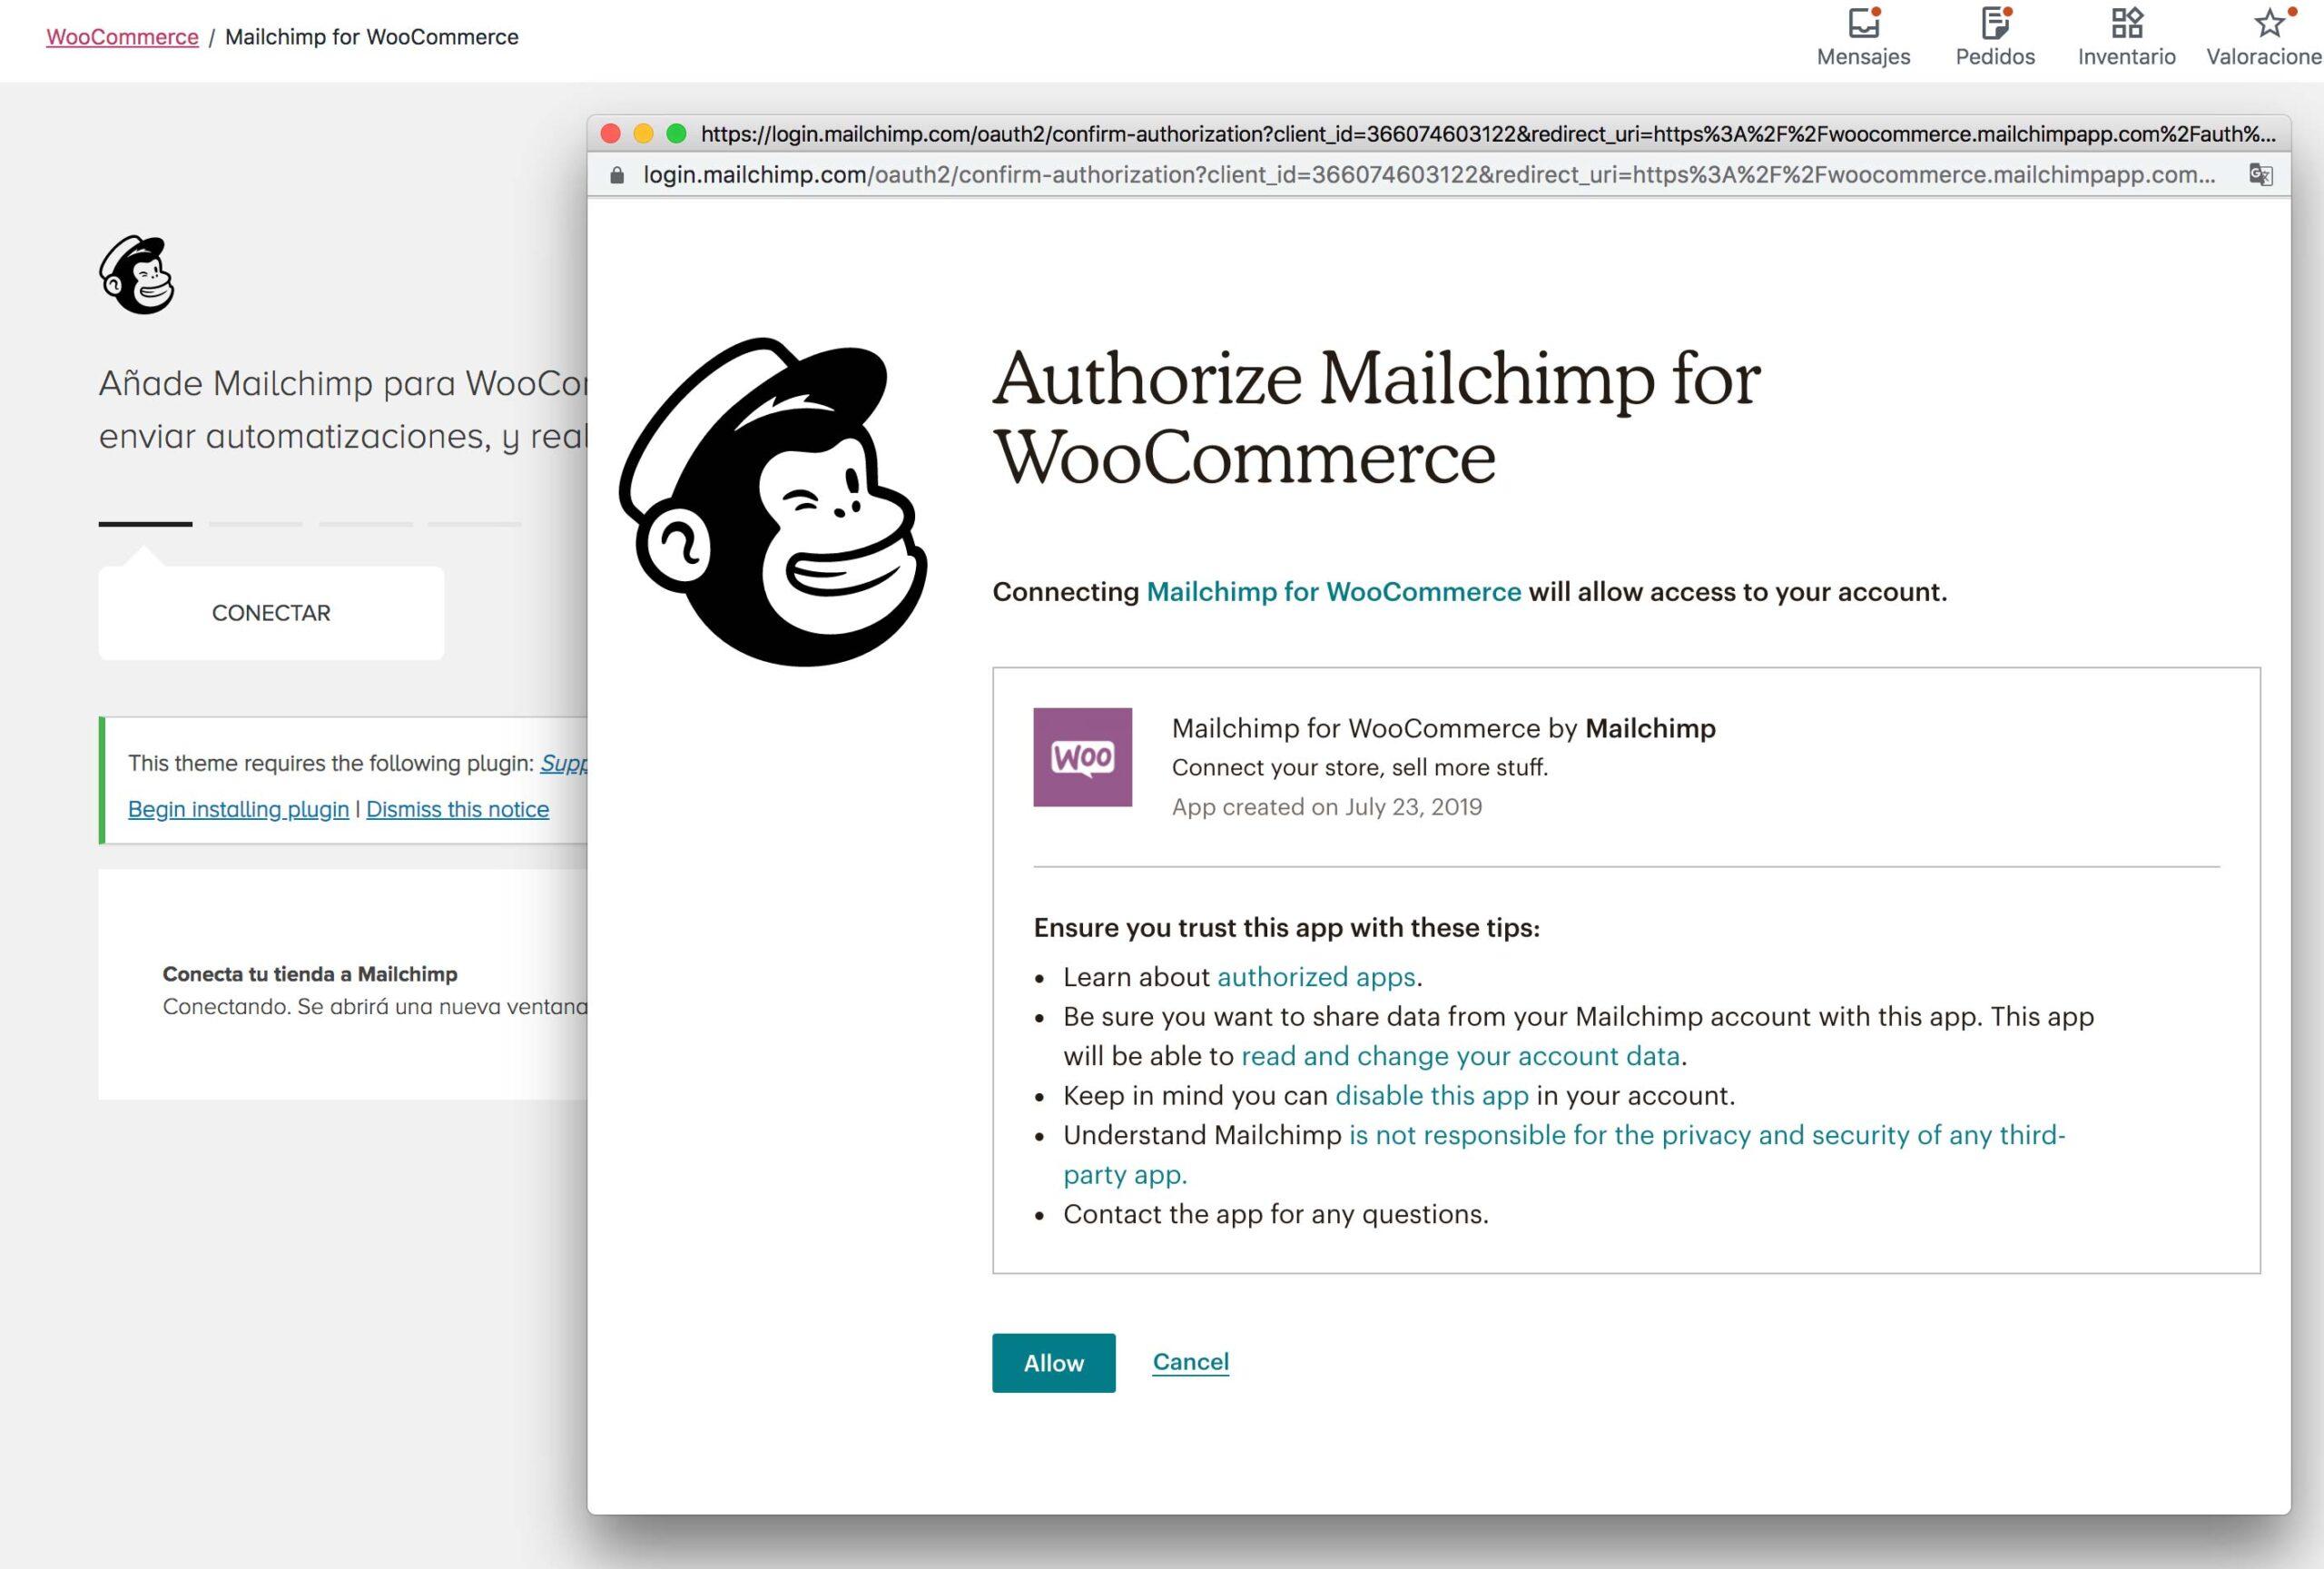 Mailchimp para woocomerce tiendas online